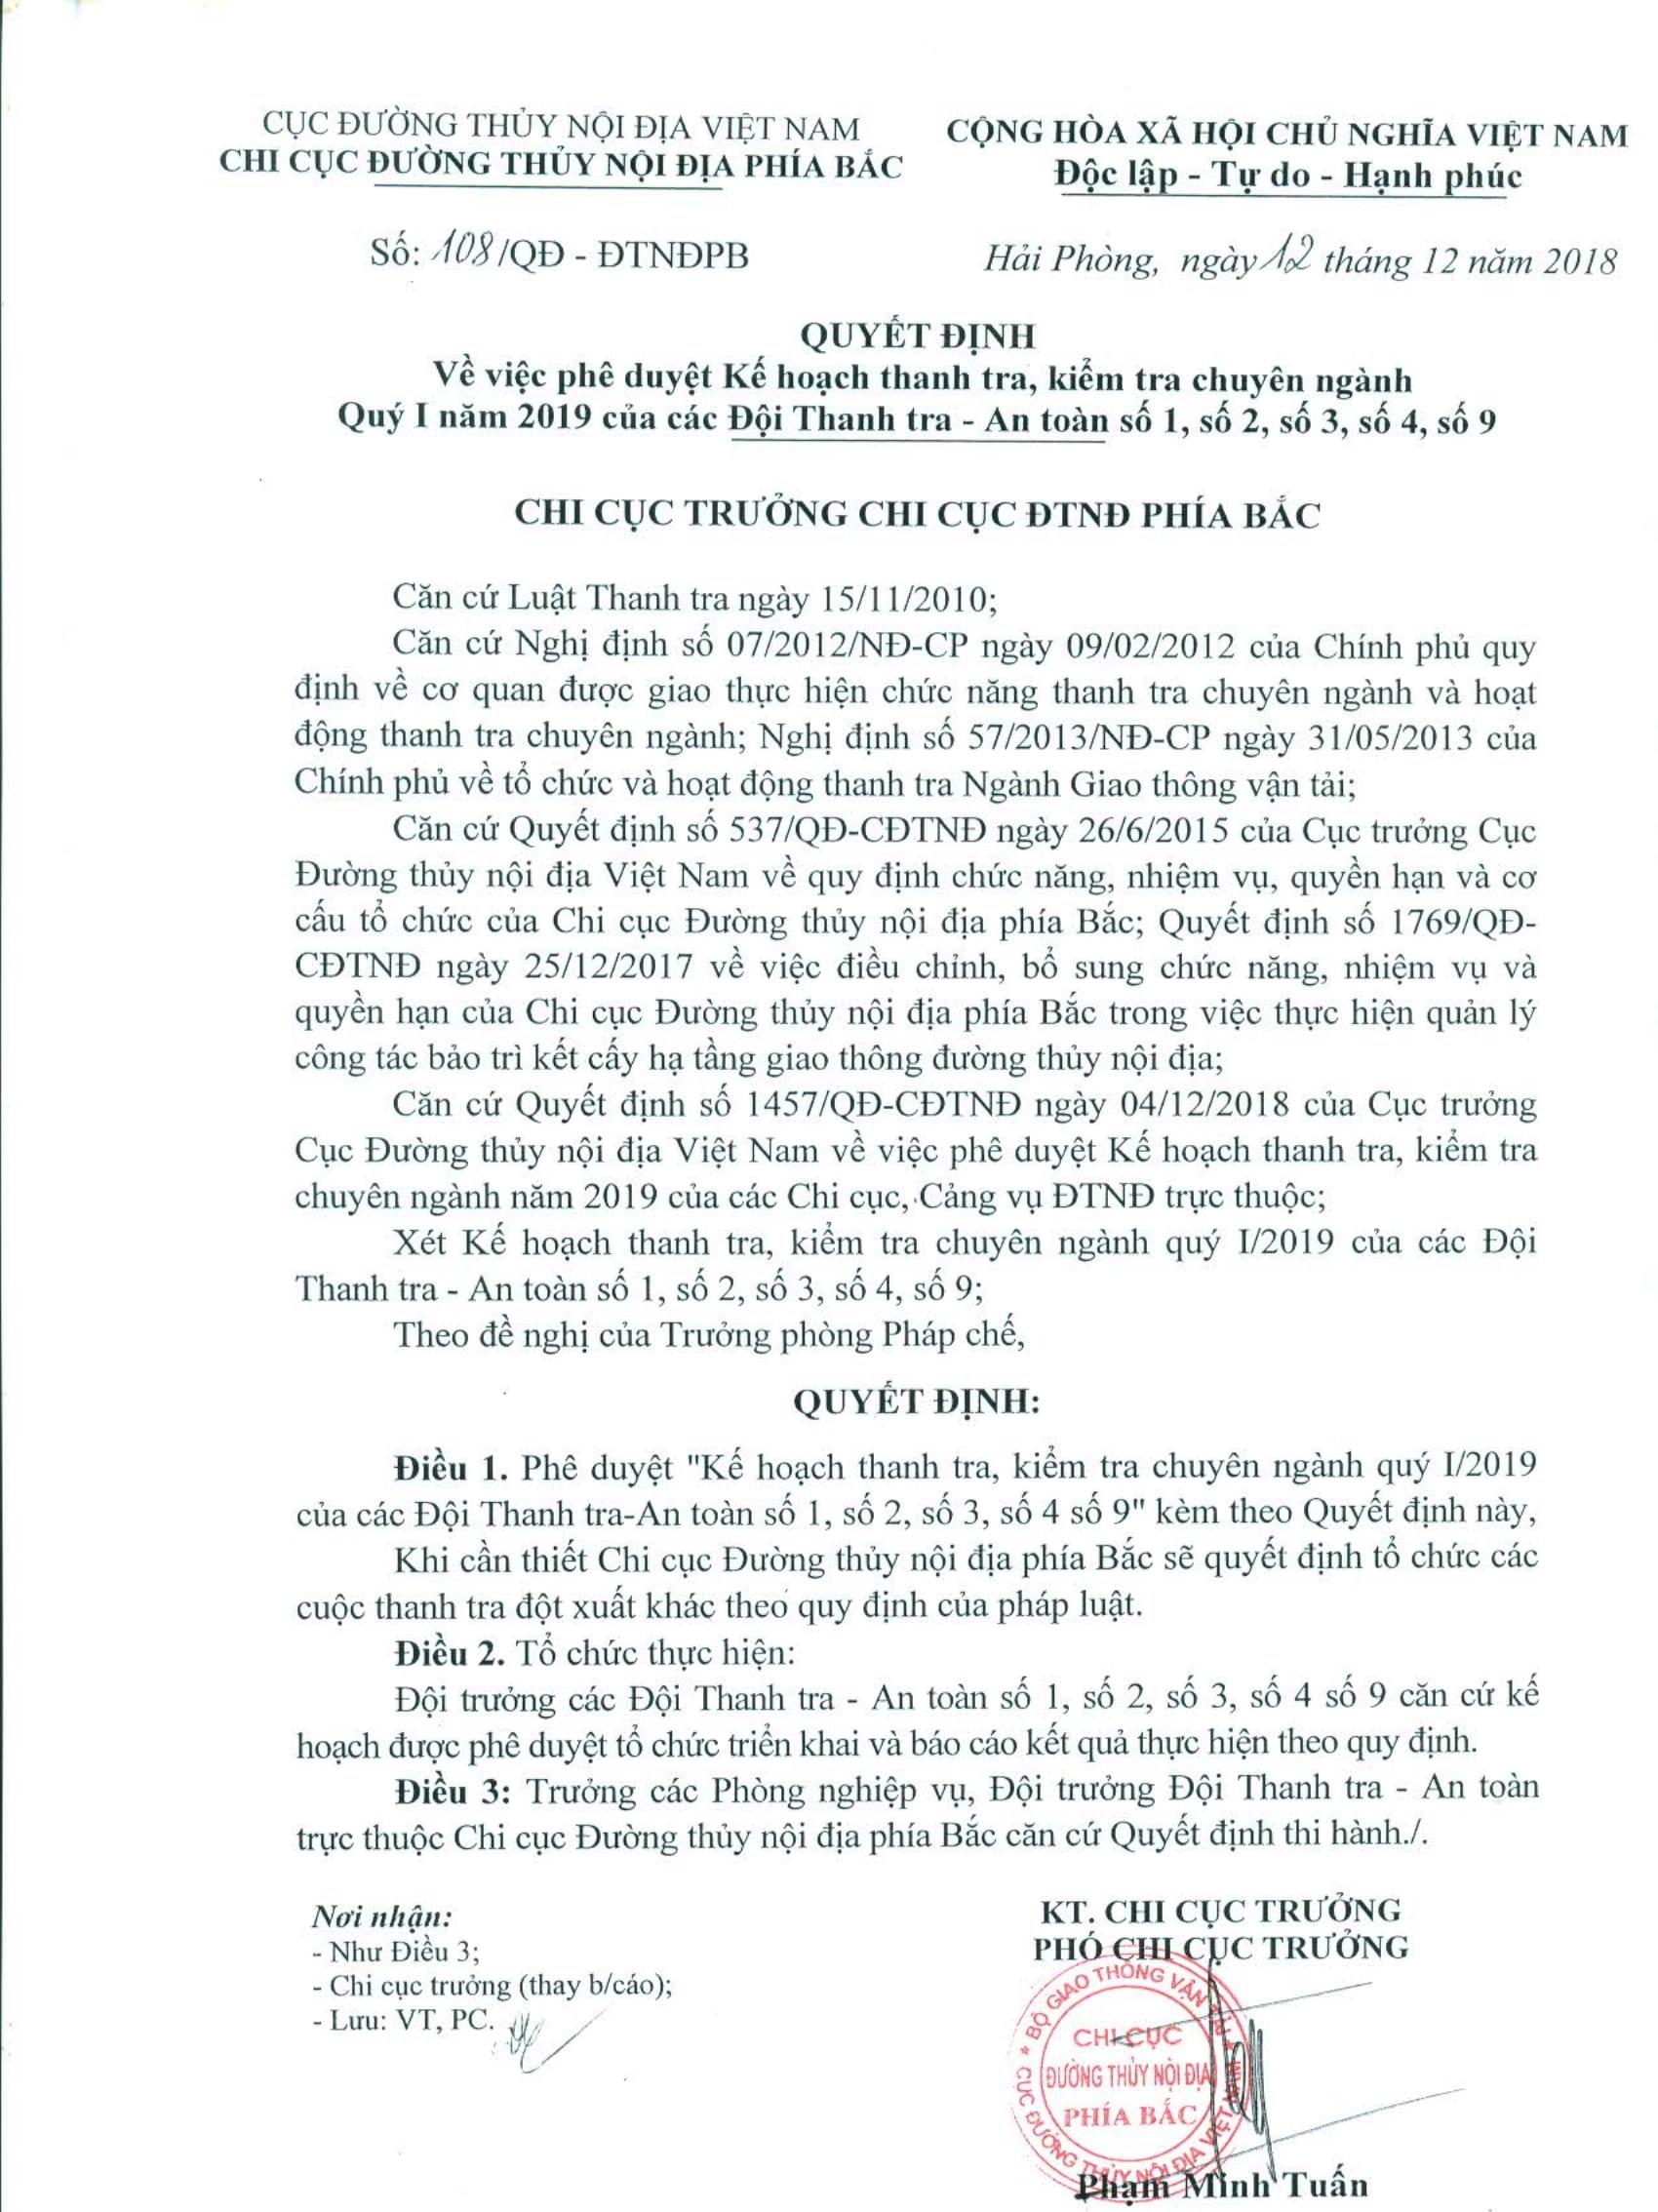 Quyết Định 108 phê duyệt Kế hoạch thanh tra Quý I.2019-01